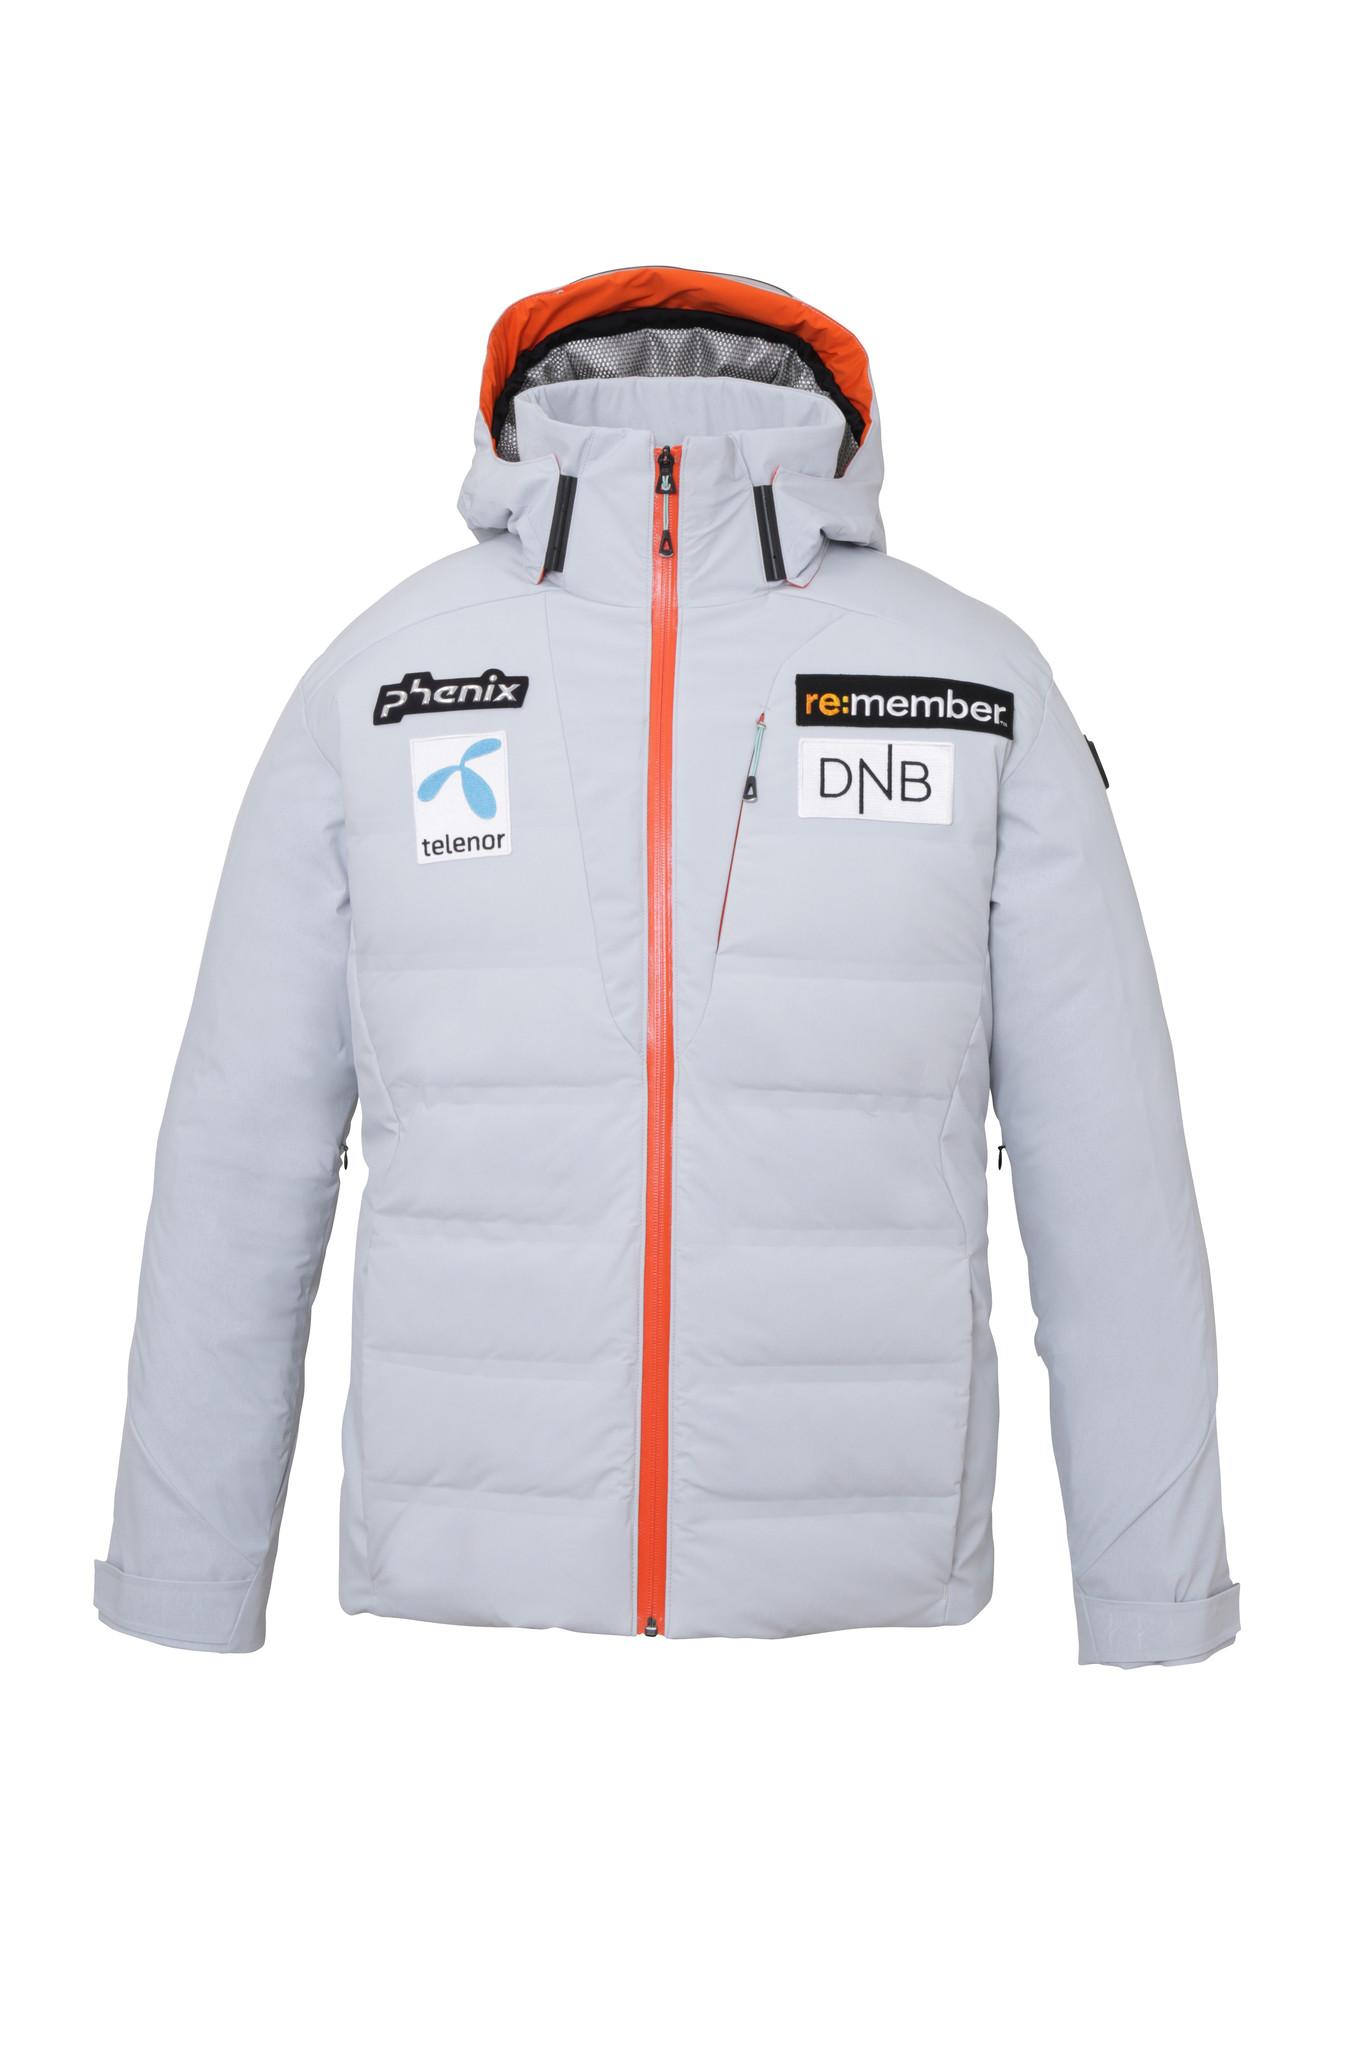 phenix Norway Alpine Team Hybrid Daunen Jacket